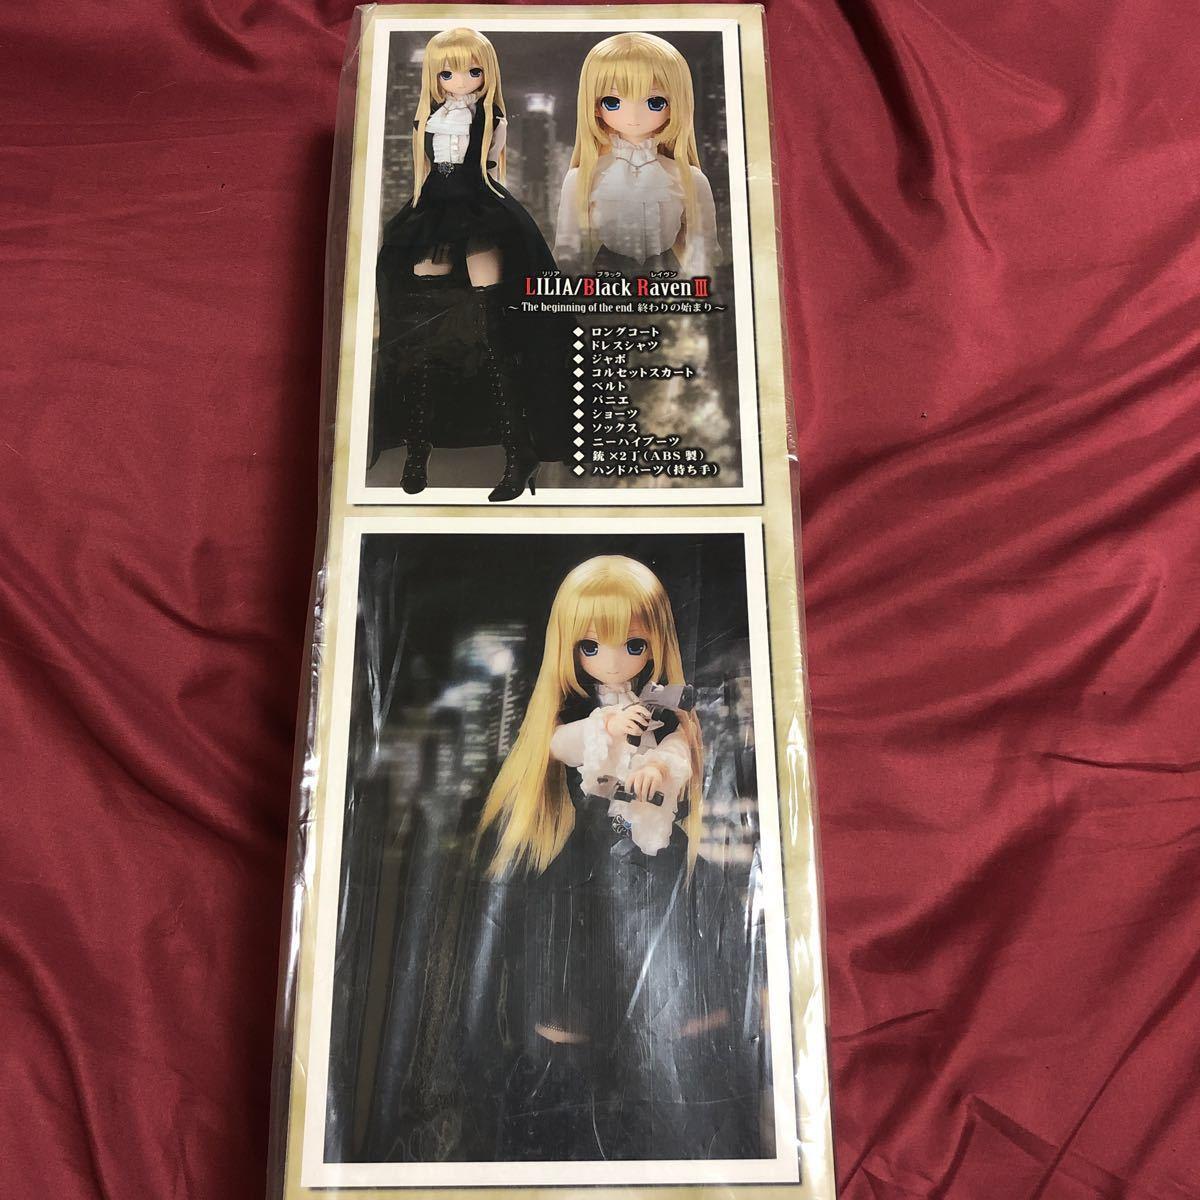 新品 早い者勝ち!! アゾン リリア ブラックレイヴンⅢ AZONE original doll Lilia Black Raven Ⅲ ドール_画像3